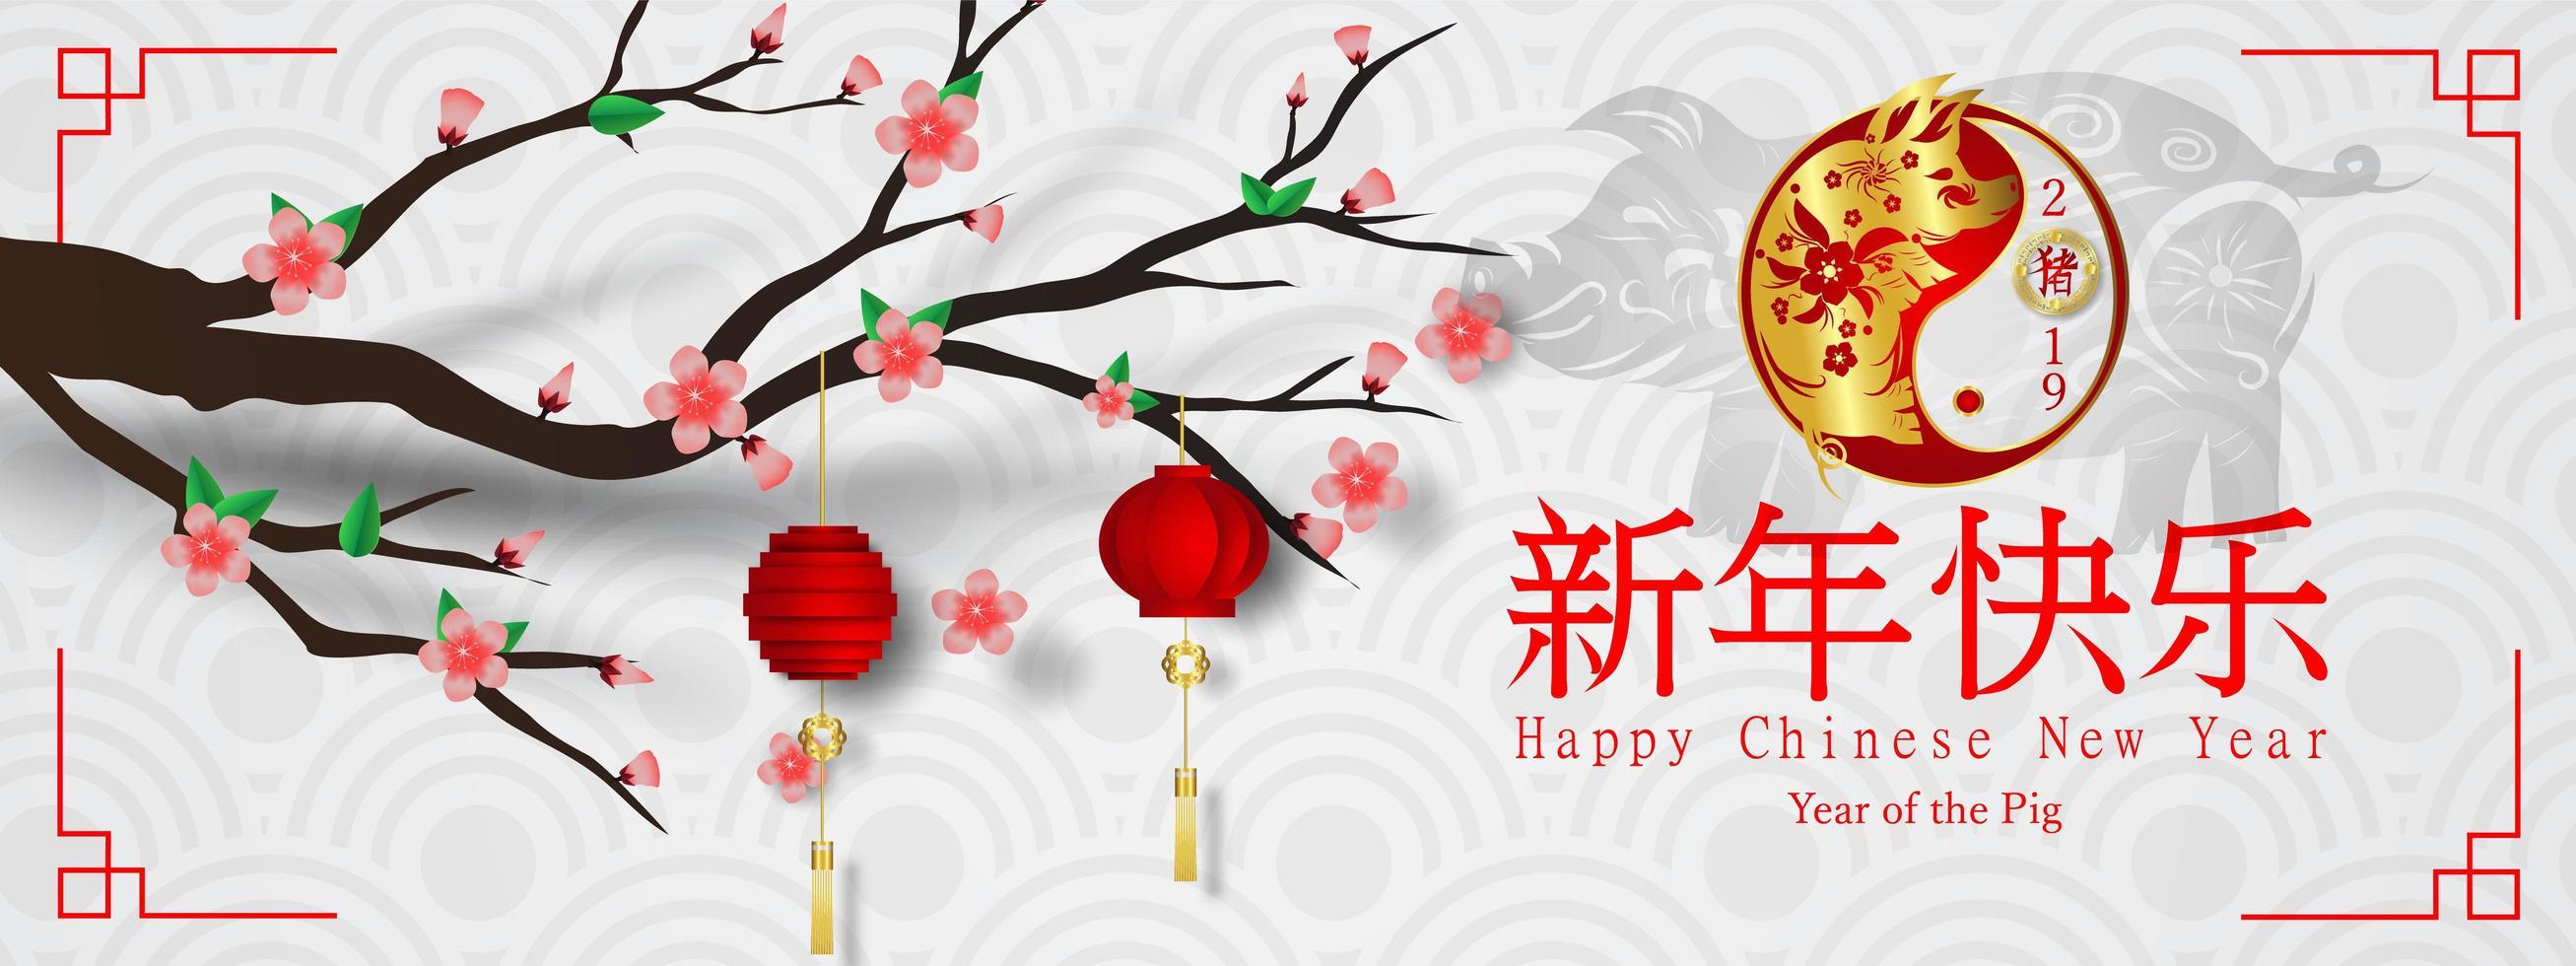 felice anno nuovo cinese del banner asiatico maiale vettore